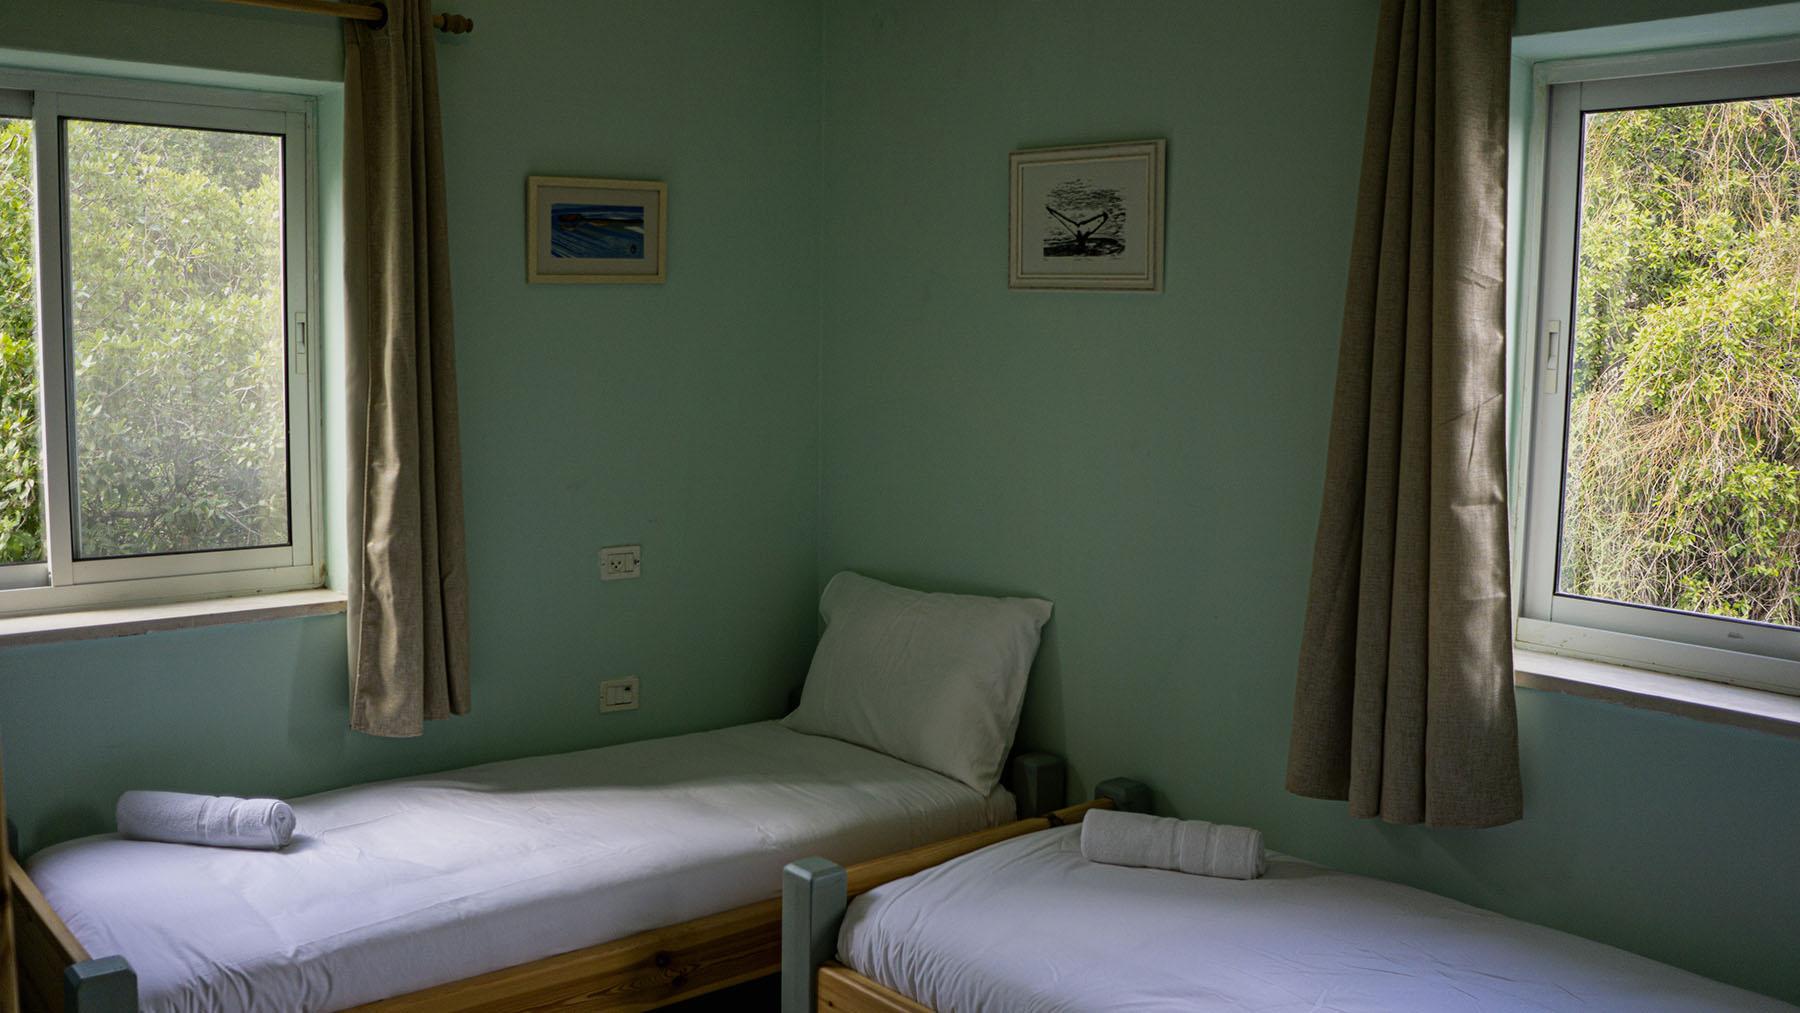 בית יונה מקום לסדנאות עם שינה